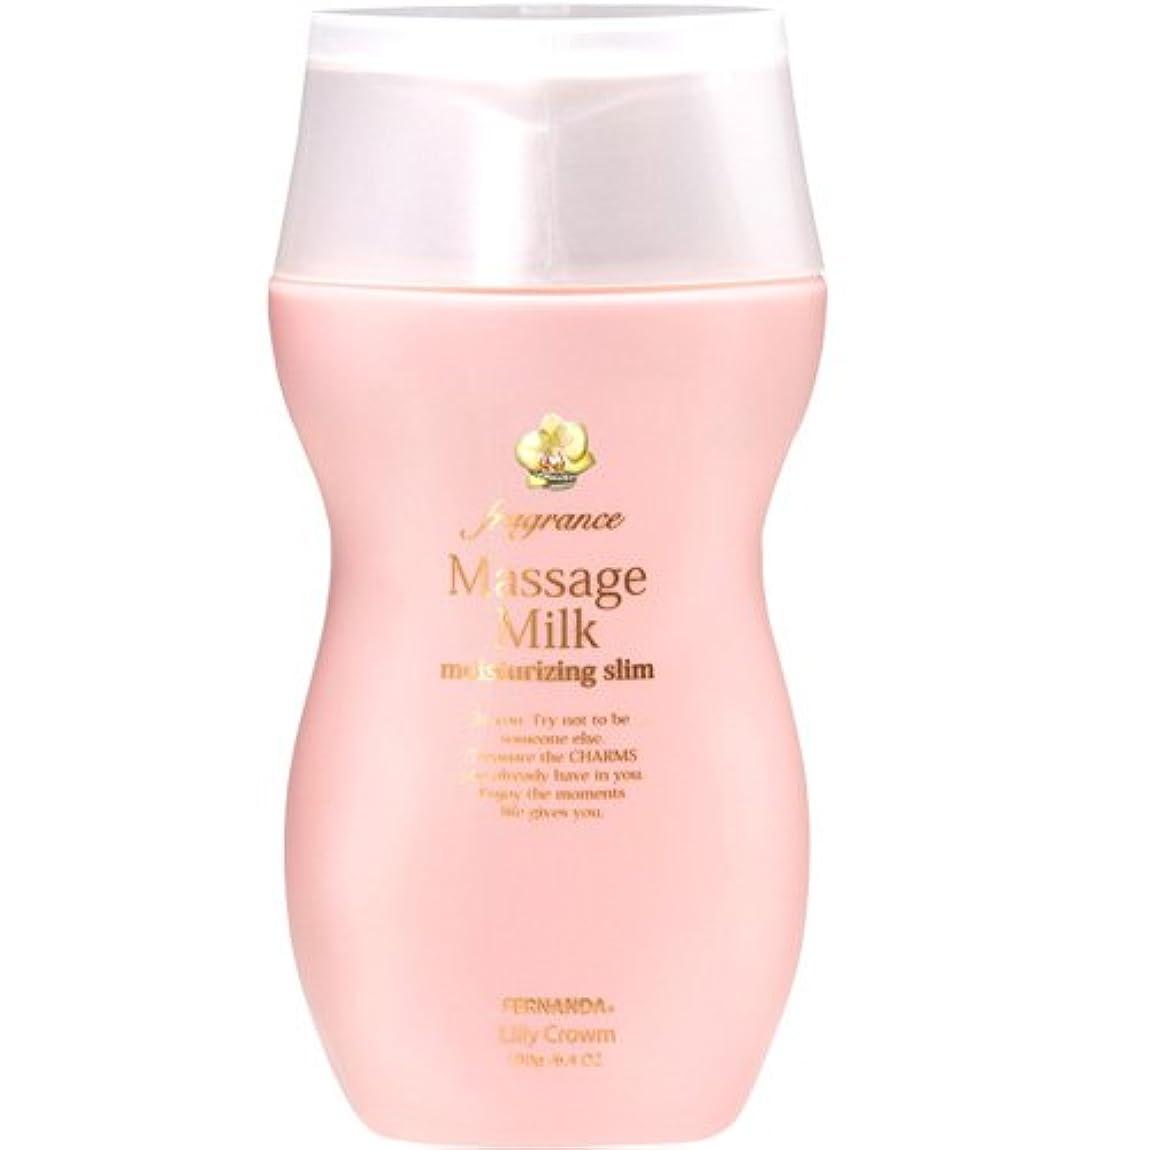 保守的トリクル断線FERNANDA(フェルナンダ) Massage Milk Lilly Crown (マッサージミルク リリークラウン)